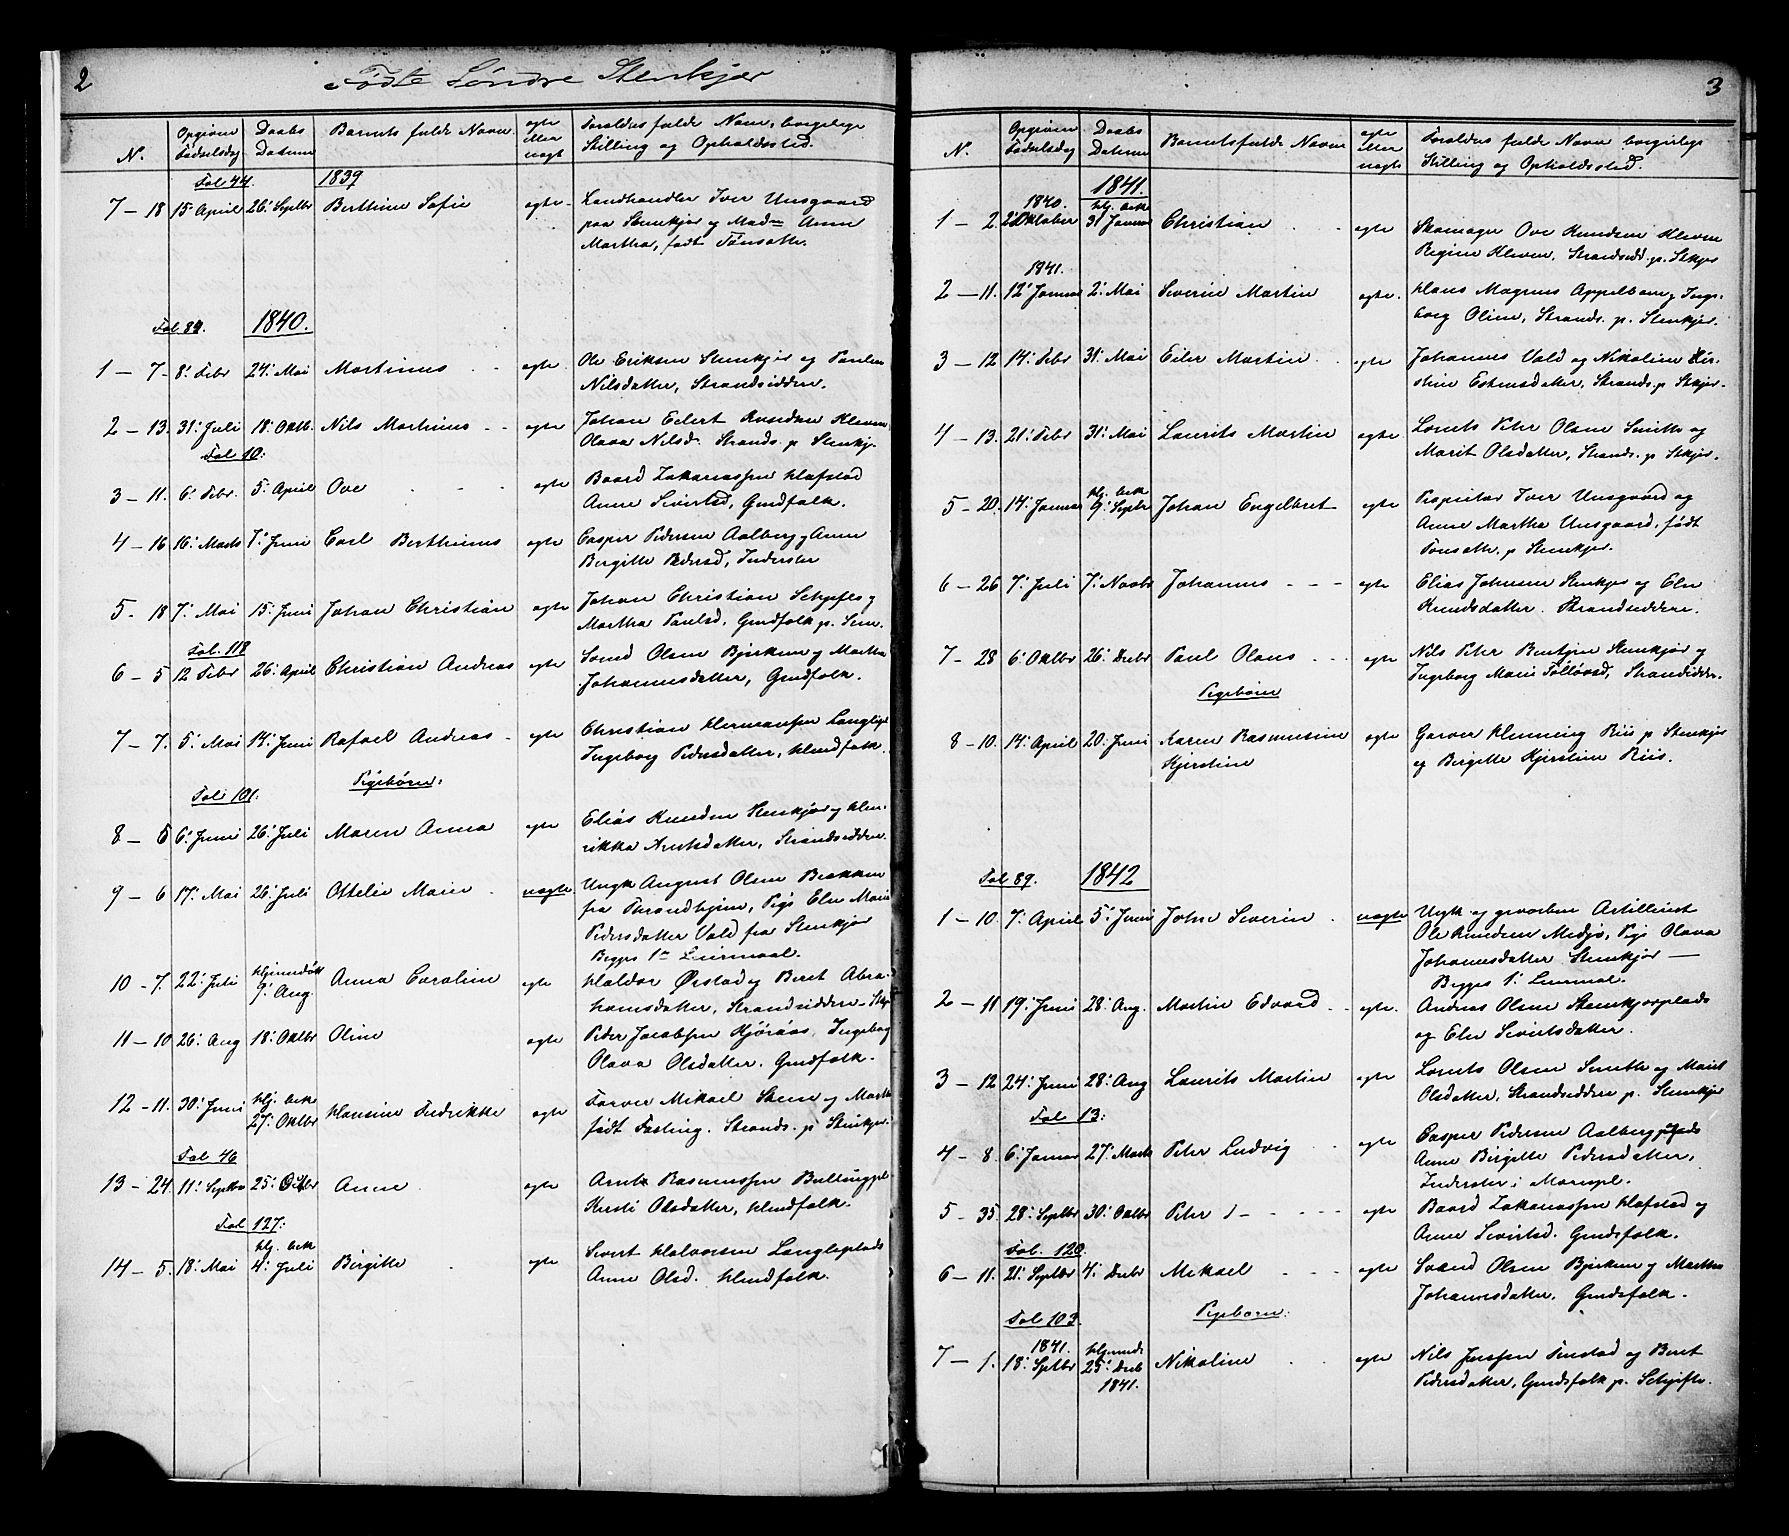 SAT, Ministerialprotokoller, klokkerbøker og fødselsregistre - Nord-Trøndelag, 739/L0367: Ministerialbok nr. 739A01 /1, 1838-1868, s. 2-3